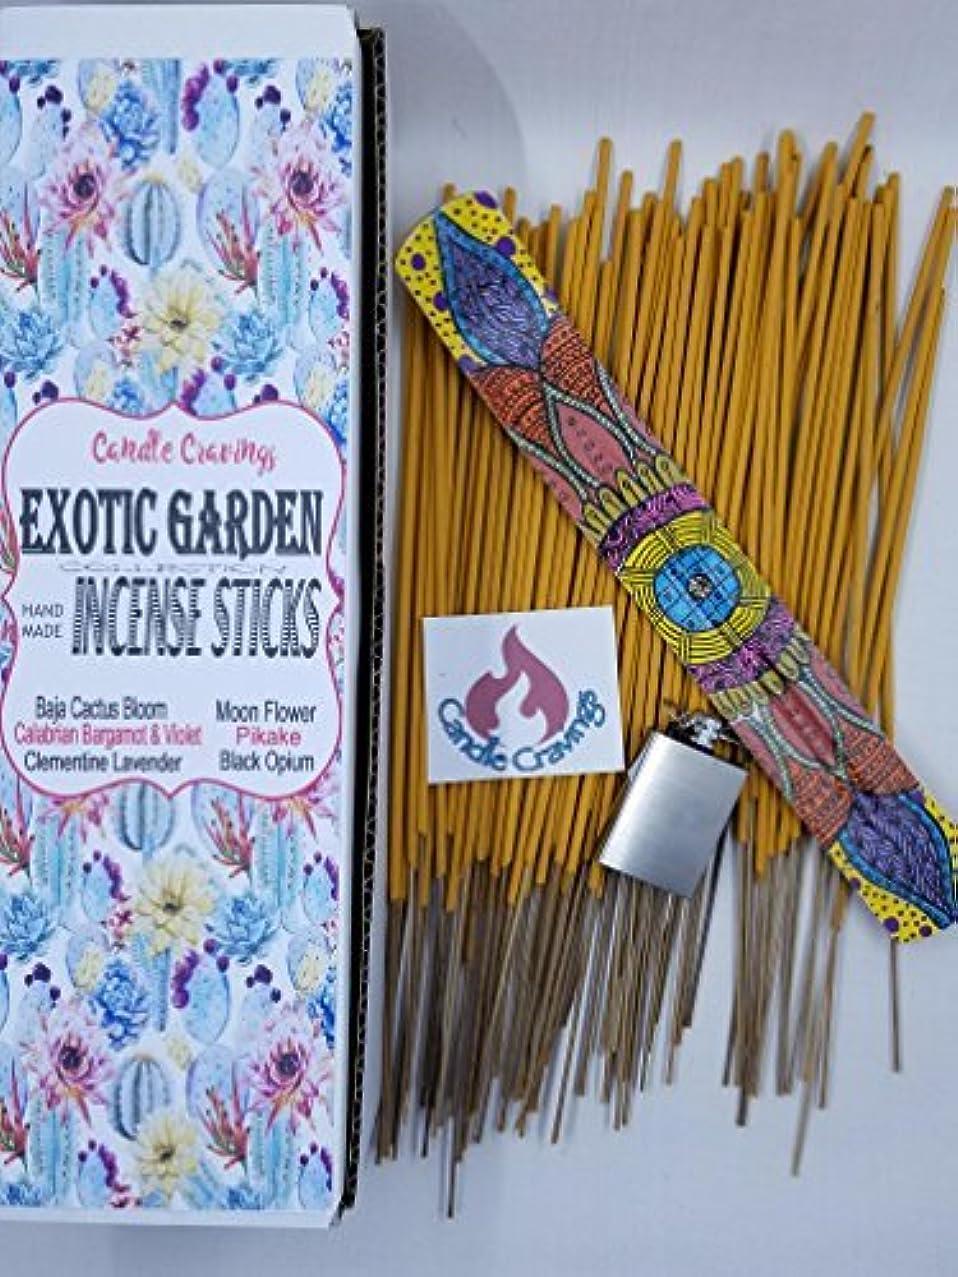 スローガンインテリア生むScented Incense Sticks 6 Pack With Painted Holder - Exotic Garden ? Pikake Black Opium Baja Cactus [並行輸入品]